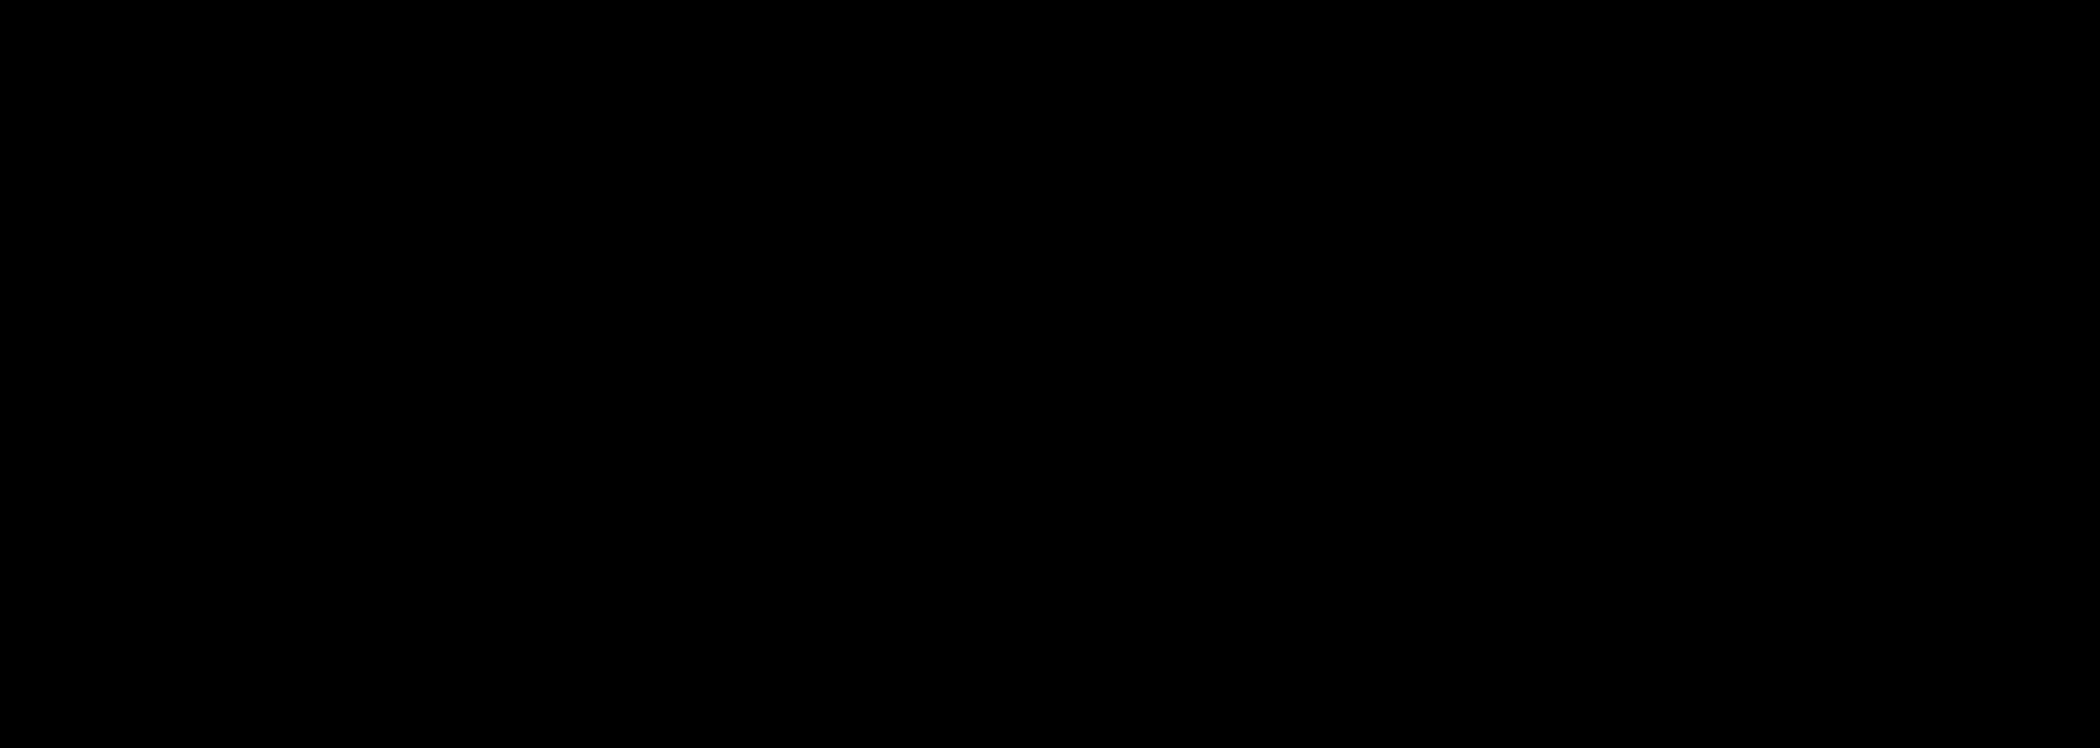 nike logo 1 1 - Nike Logo